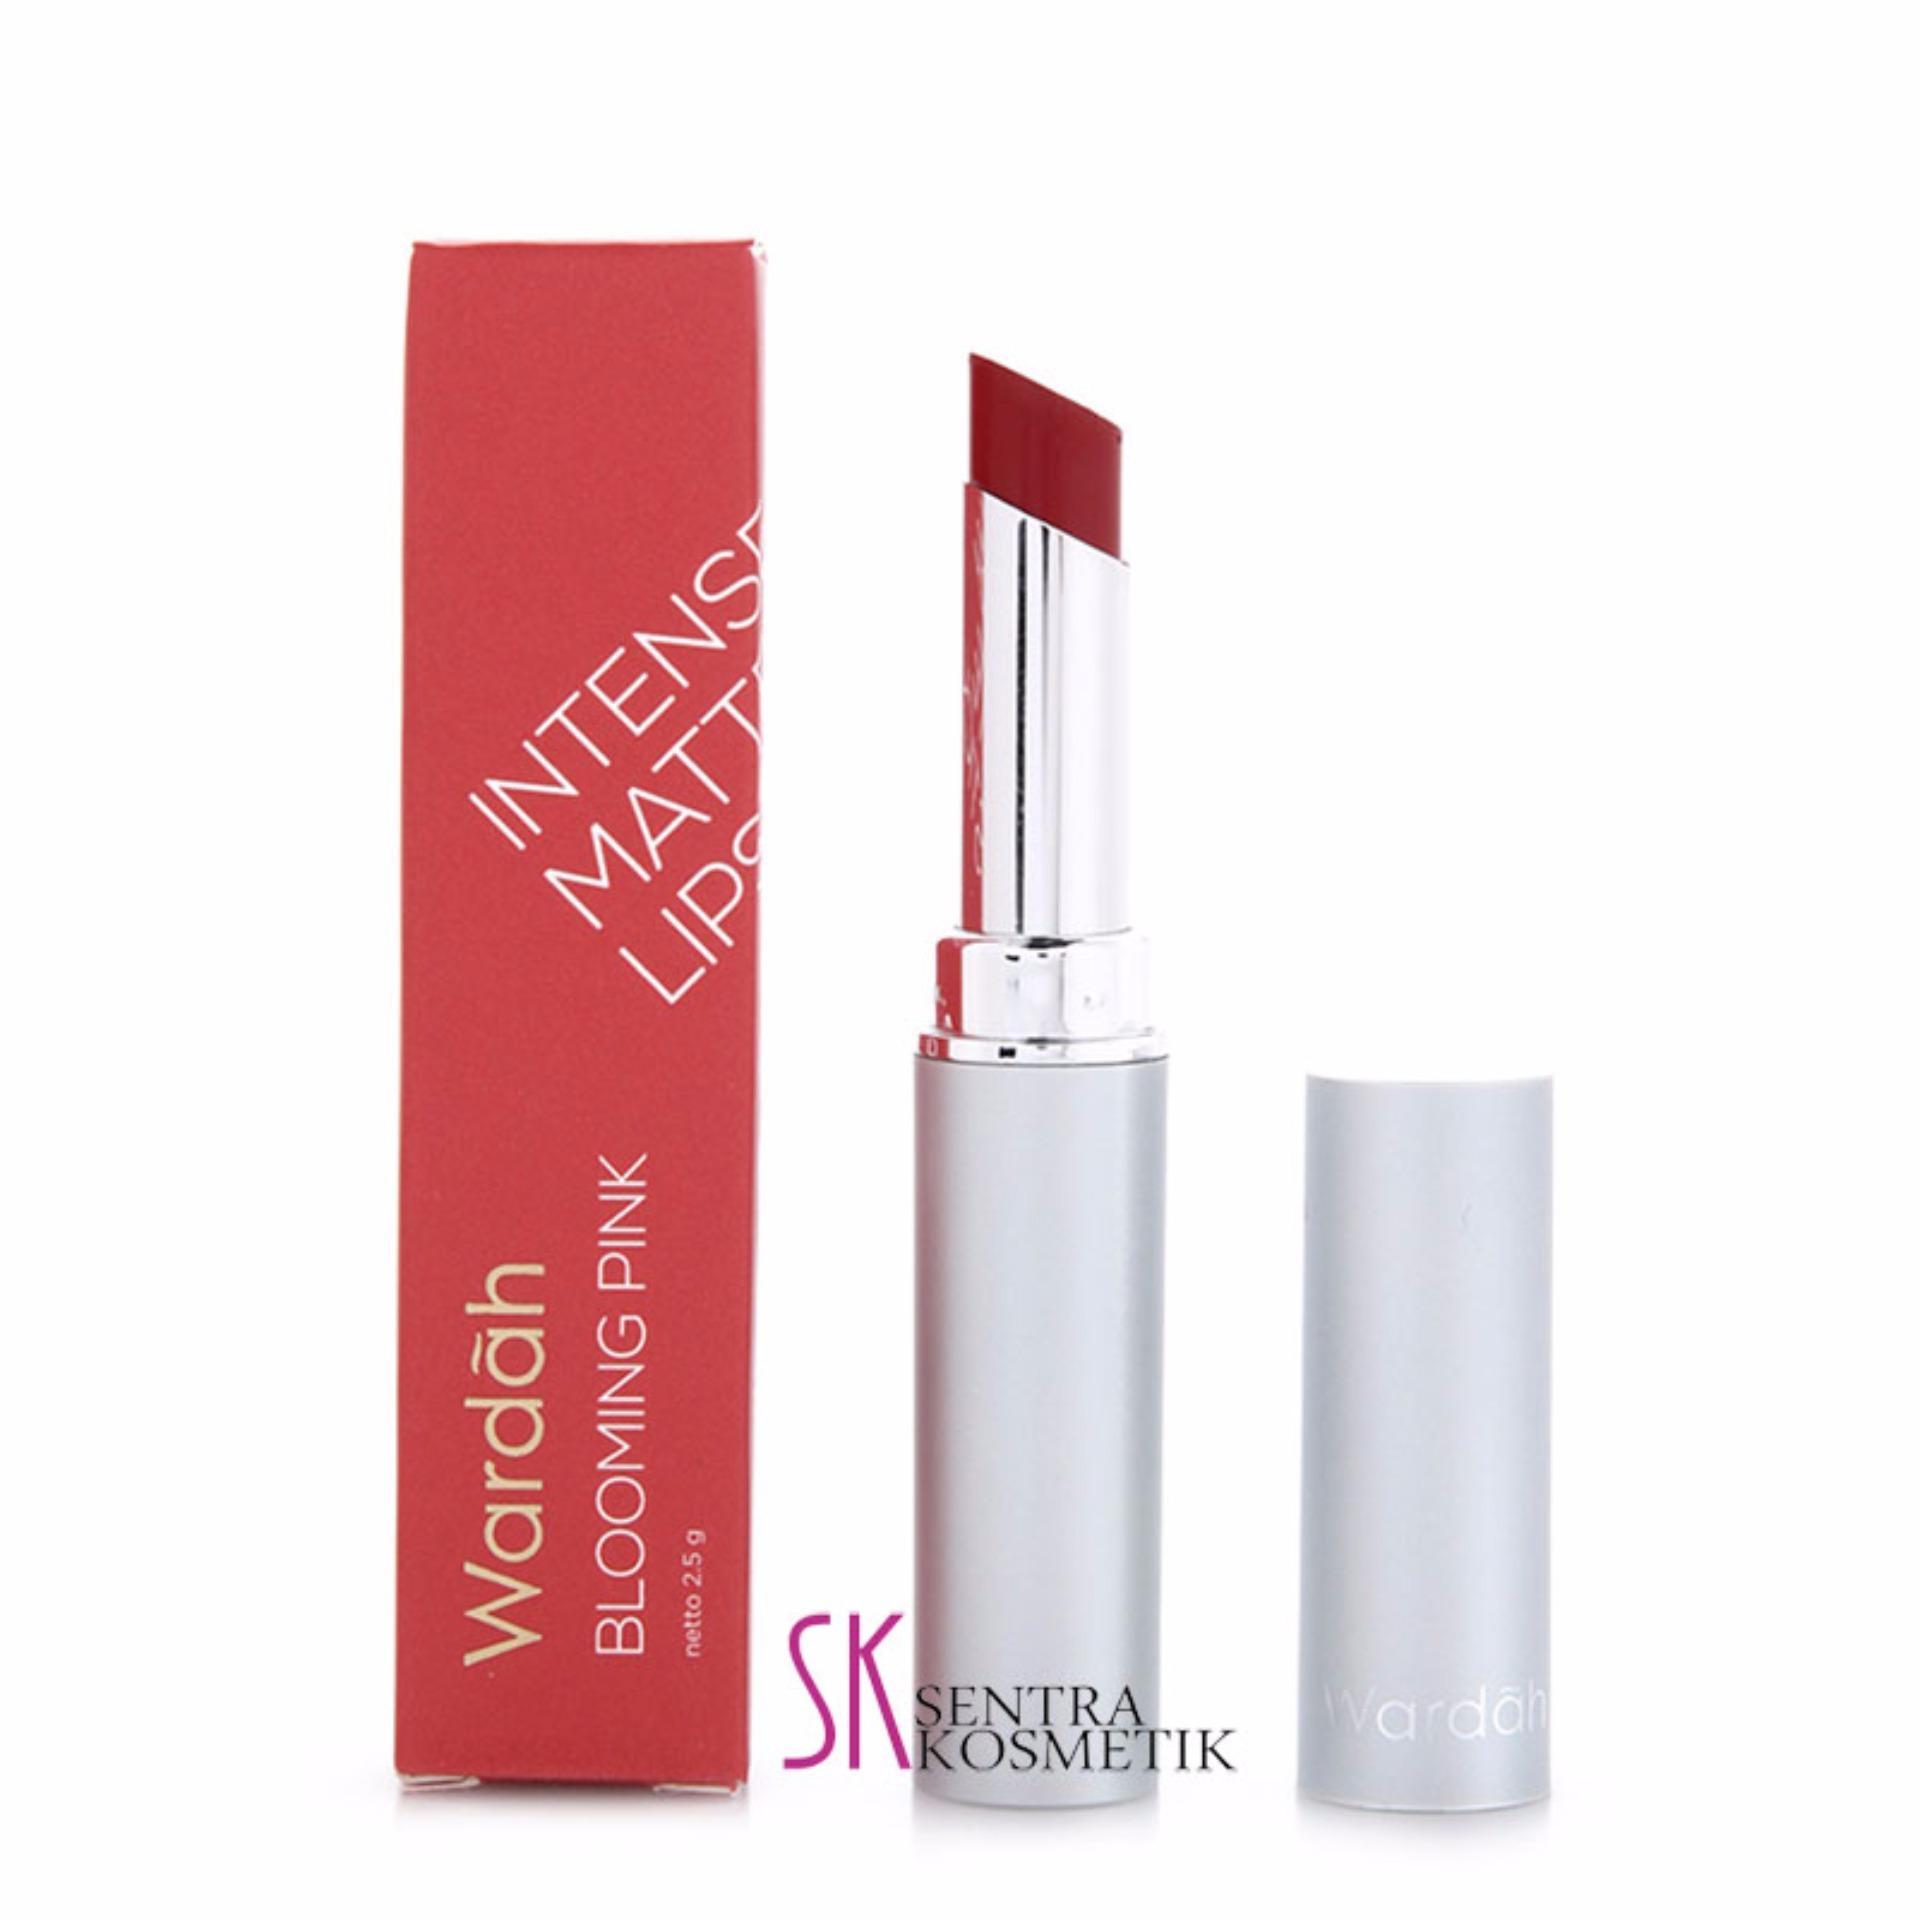 Wardah intense matte lipstick 06 blooming pink 4271 88220041